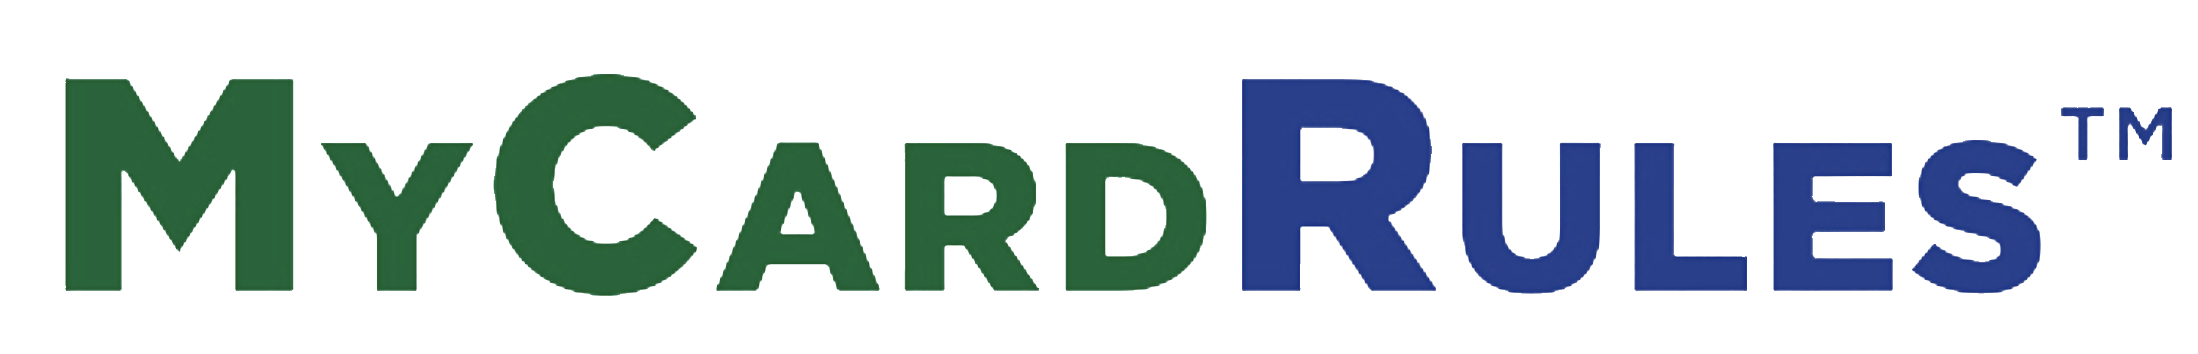 MyCardRules logo